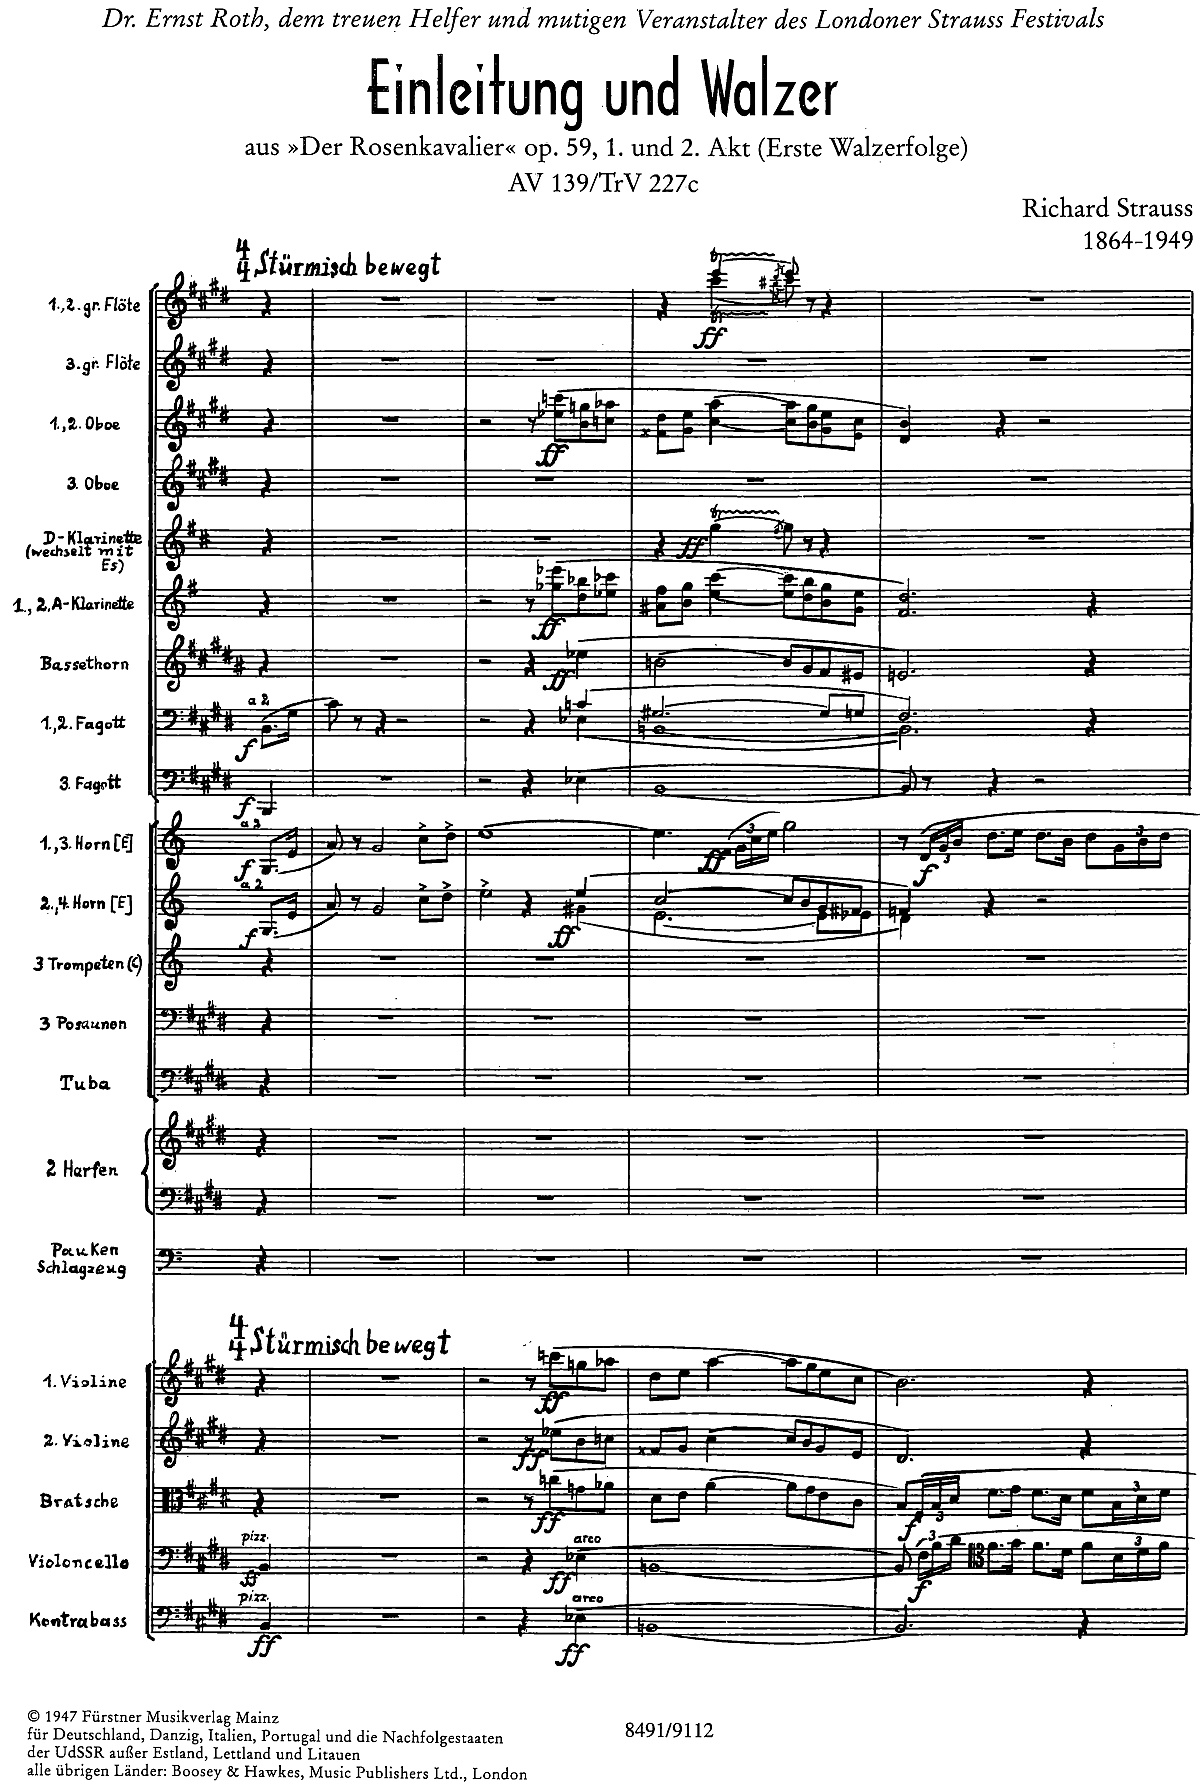 1ère page de la partition dans l'édition du «Fürstner Musikverlag, 1947, Plate 8491/9112, Mainz», Cliquer sur la photo pour une vue agrandie